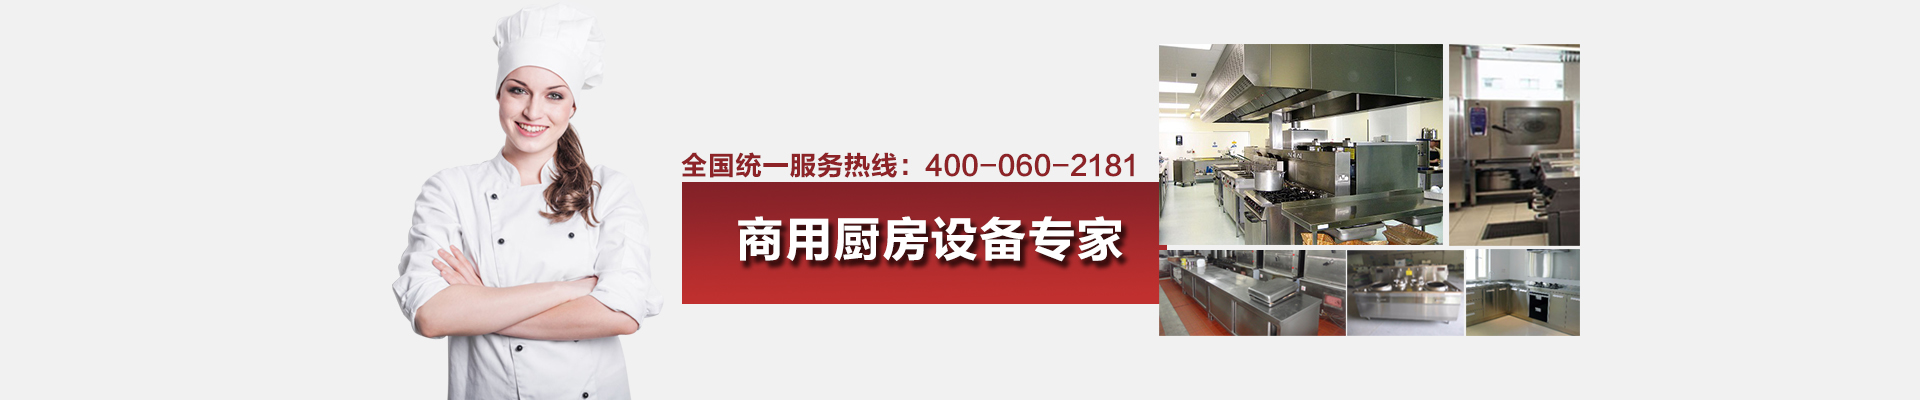 上(shang)海丞瑜(yu)商(shang)業廚房(fang)ke)璞訃用(yong) width=